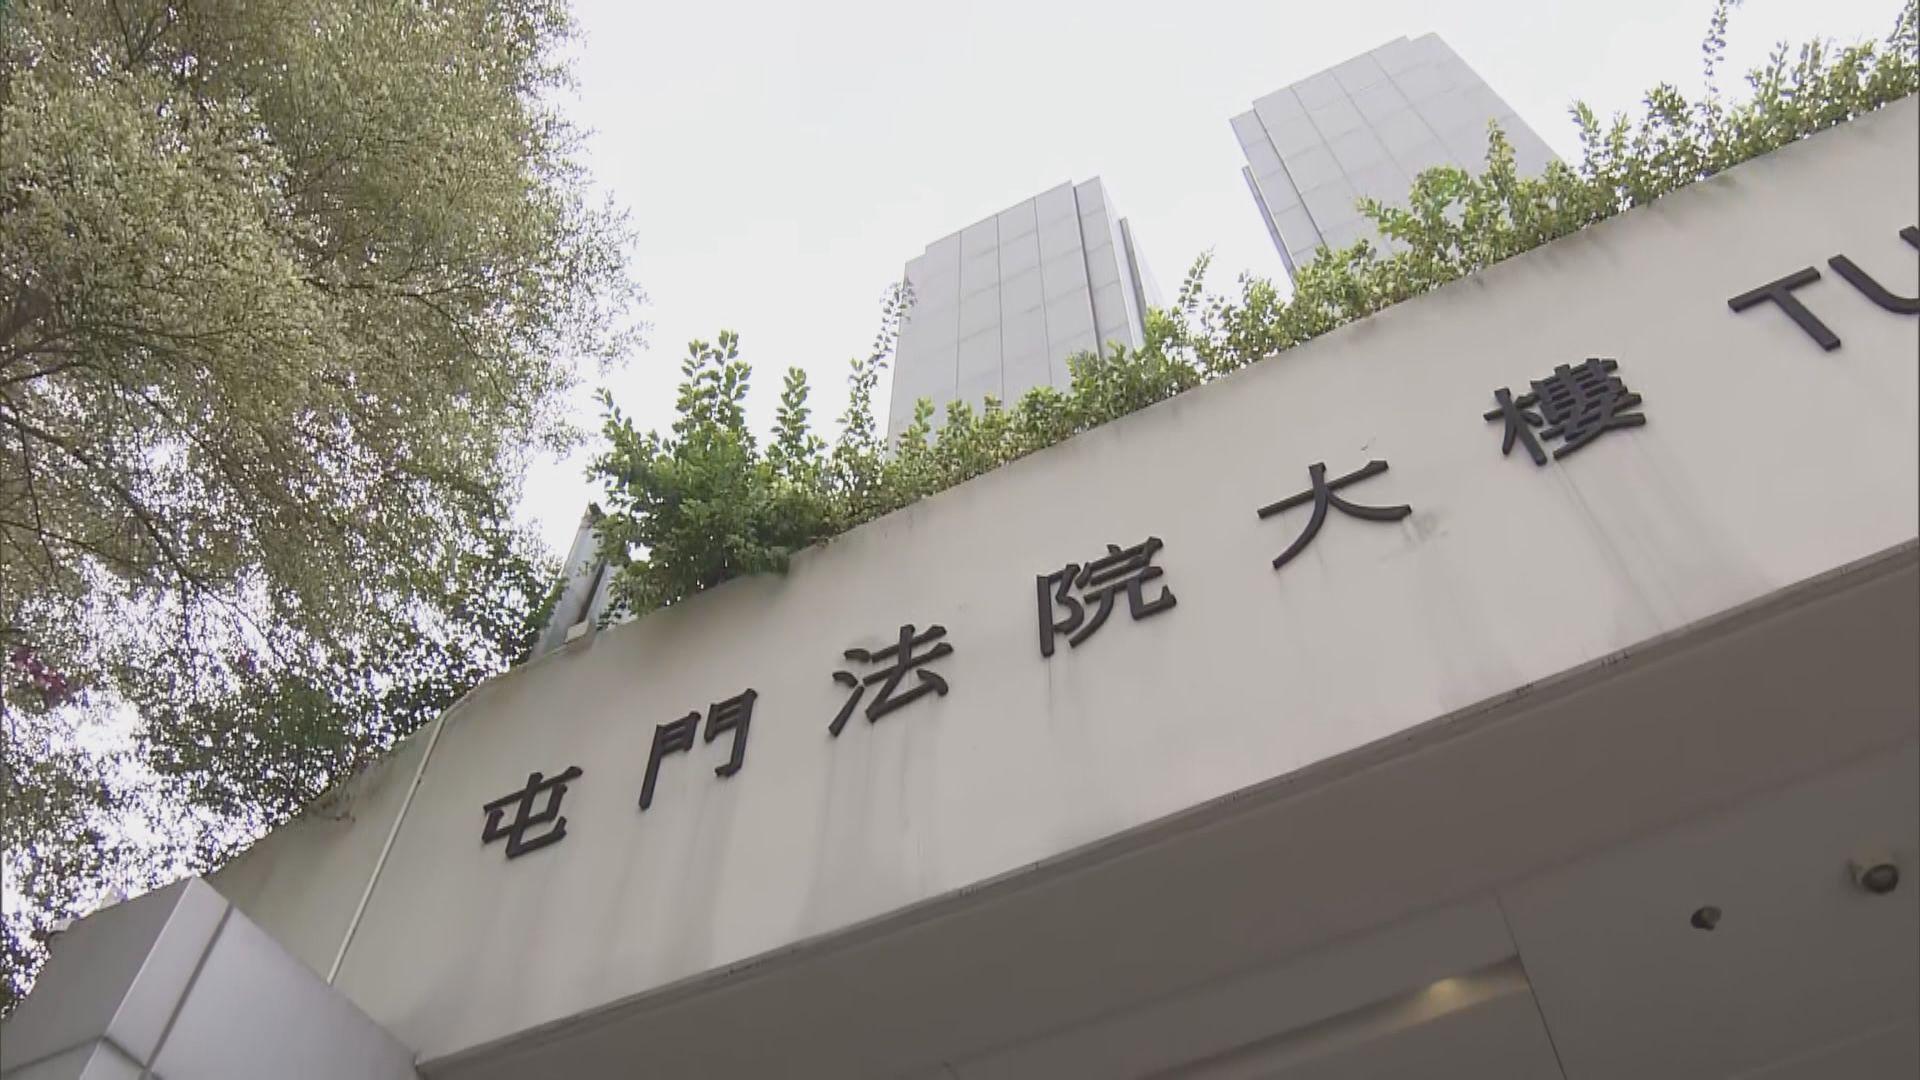 蕭源洩試題案 串謀公職人員行為失當判囚14個月